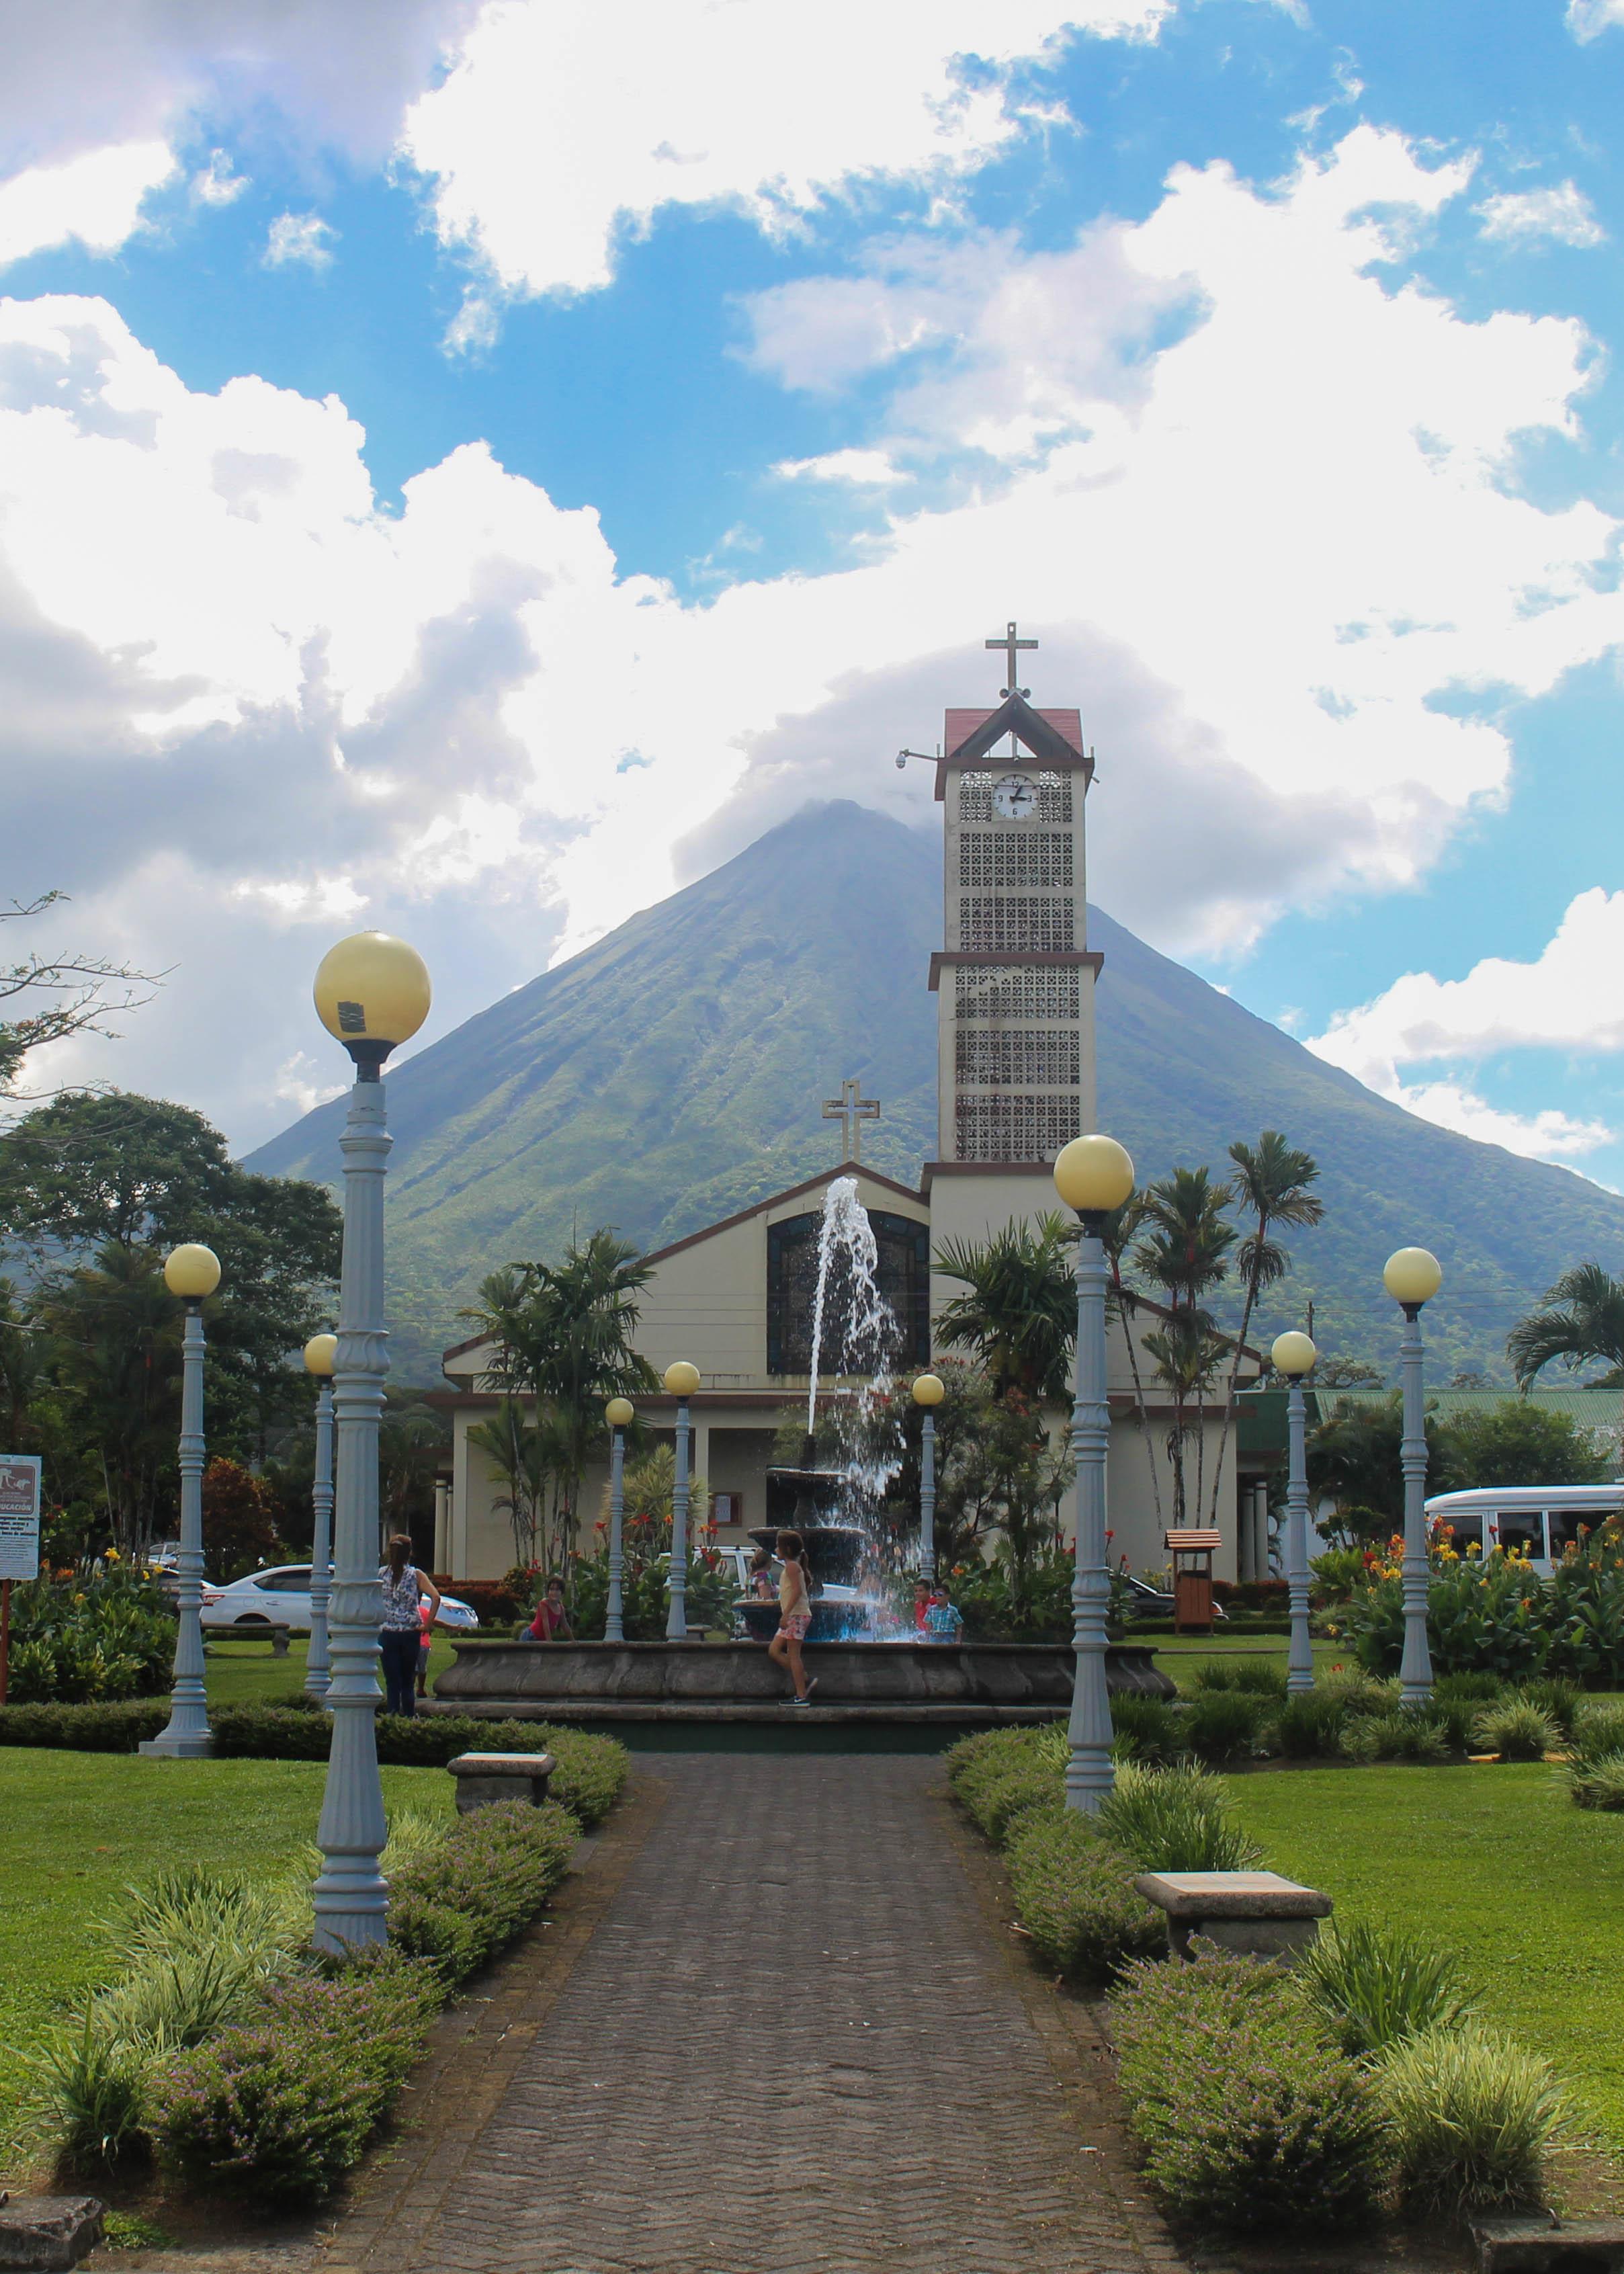 La Fourtuna- centertown-NatalieNehlawi.jpg